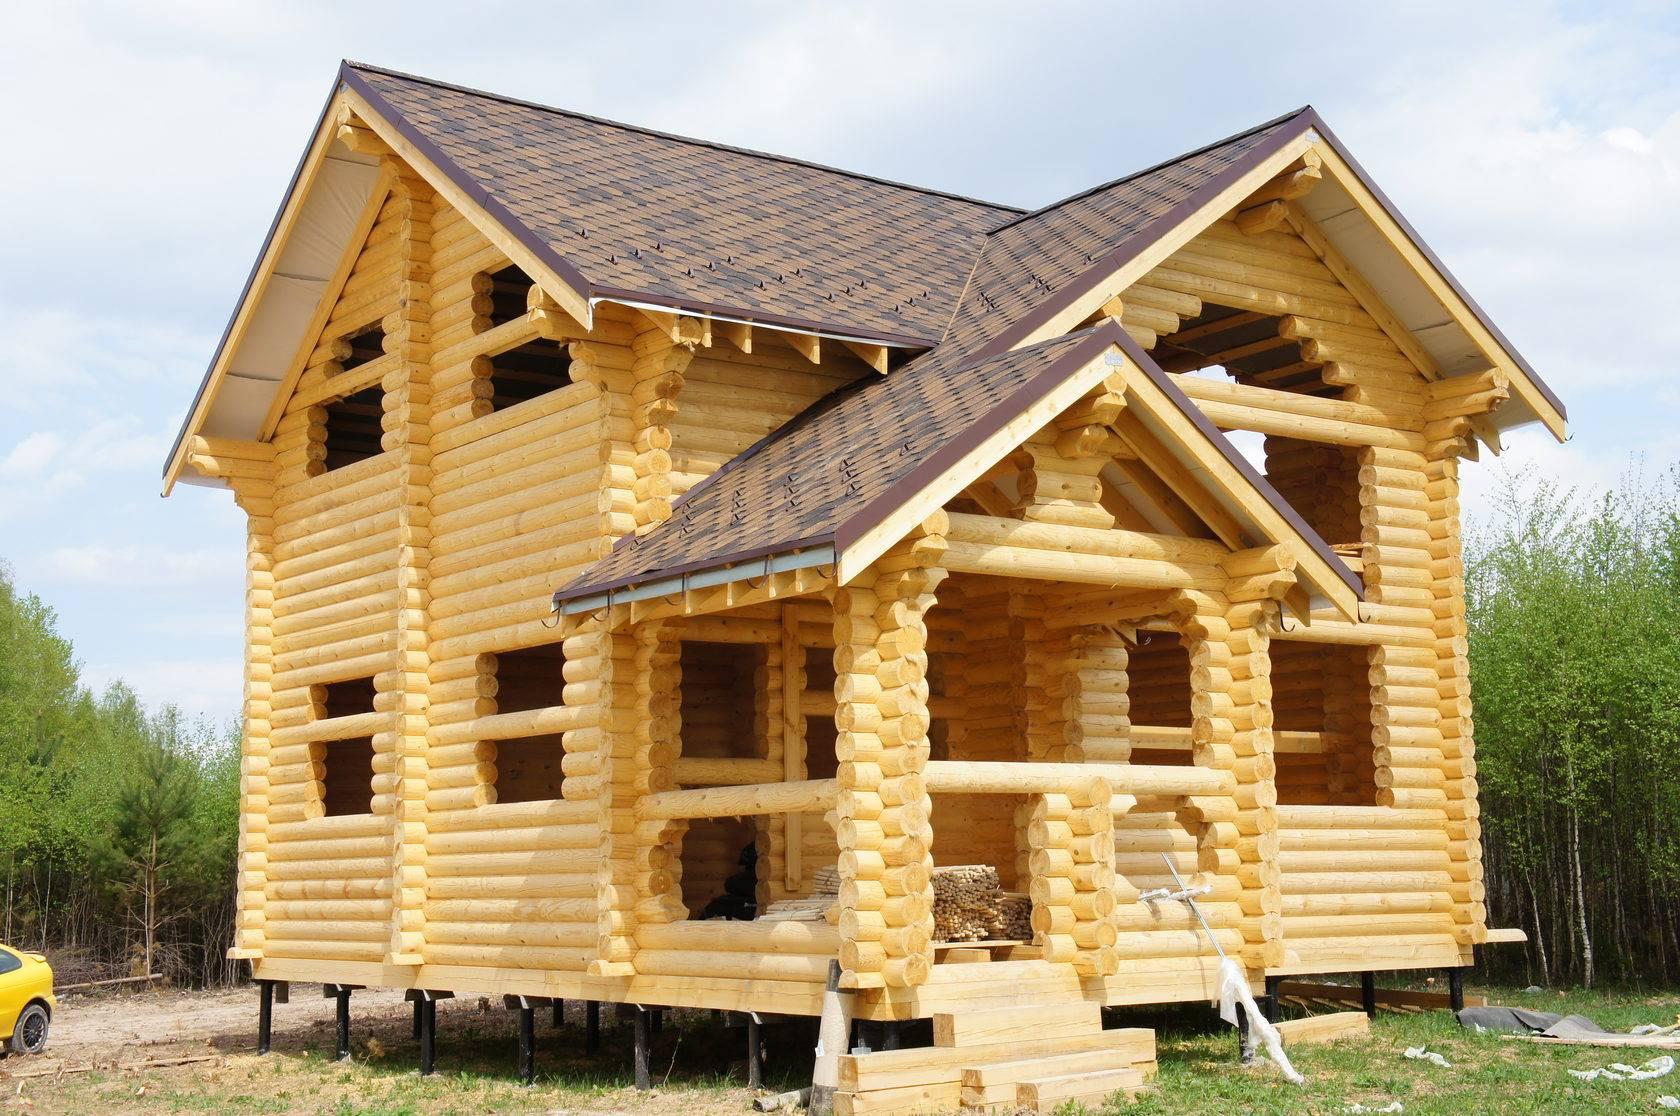 Строительство дома из оцилиндрованного бревна. Основные моменты, на которые стоит обратить внимание